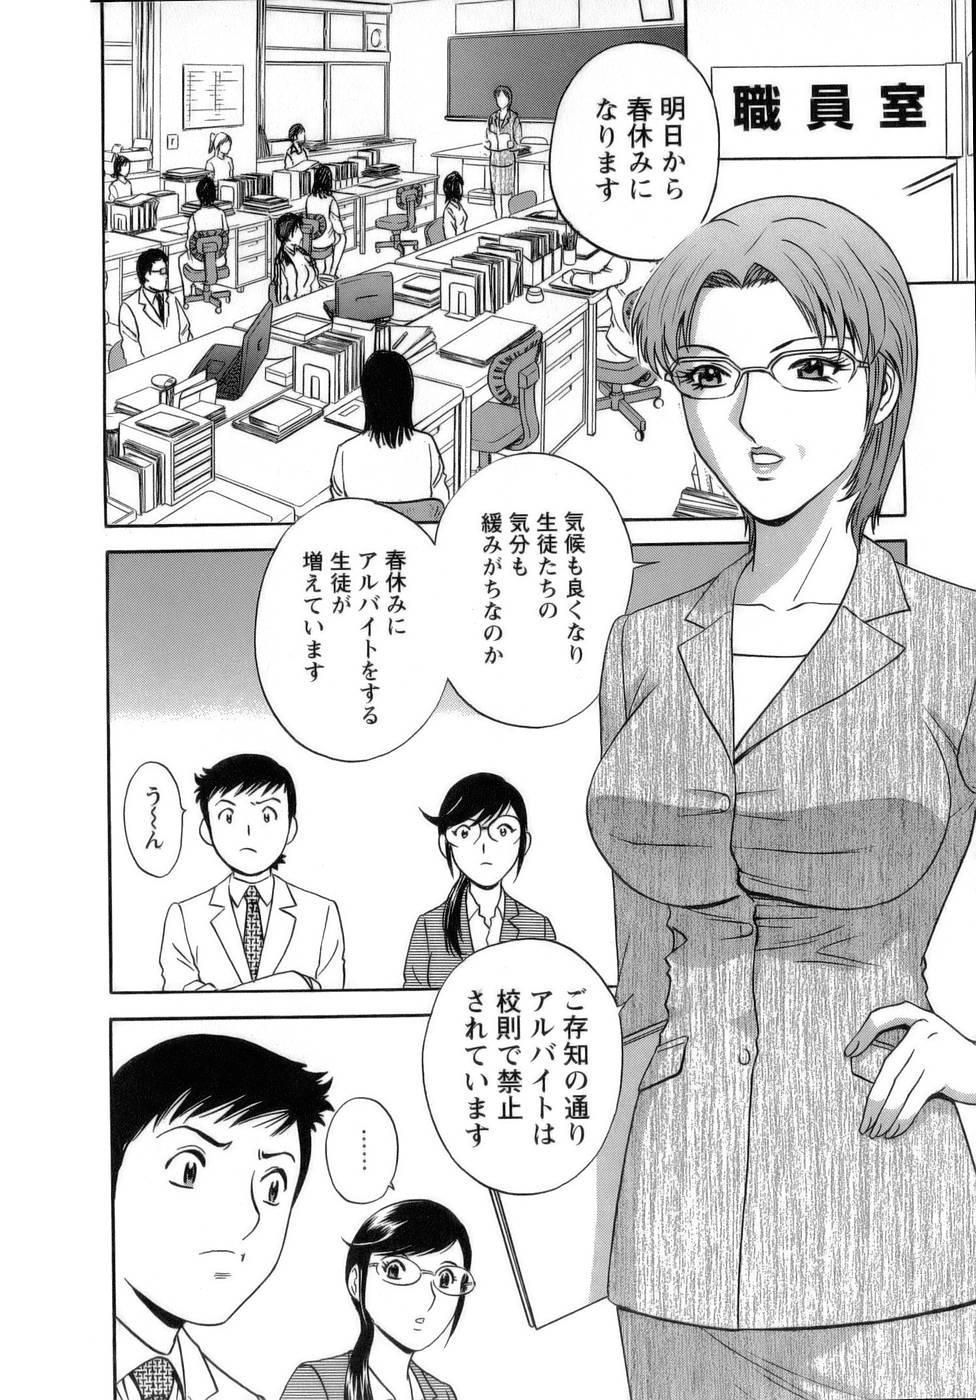 [Hidemaru] Mo-Retsu! Boin Sensei (Boing Boing Teacher) Vol.1 133